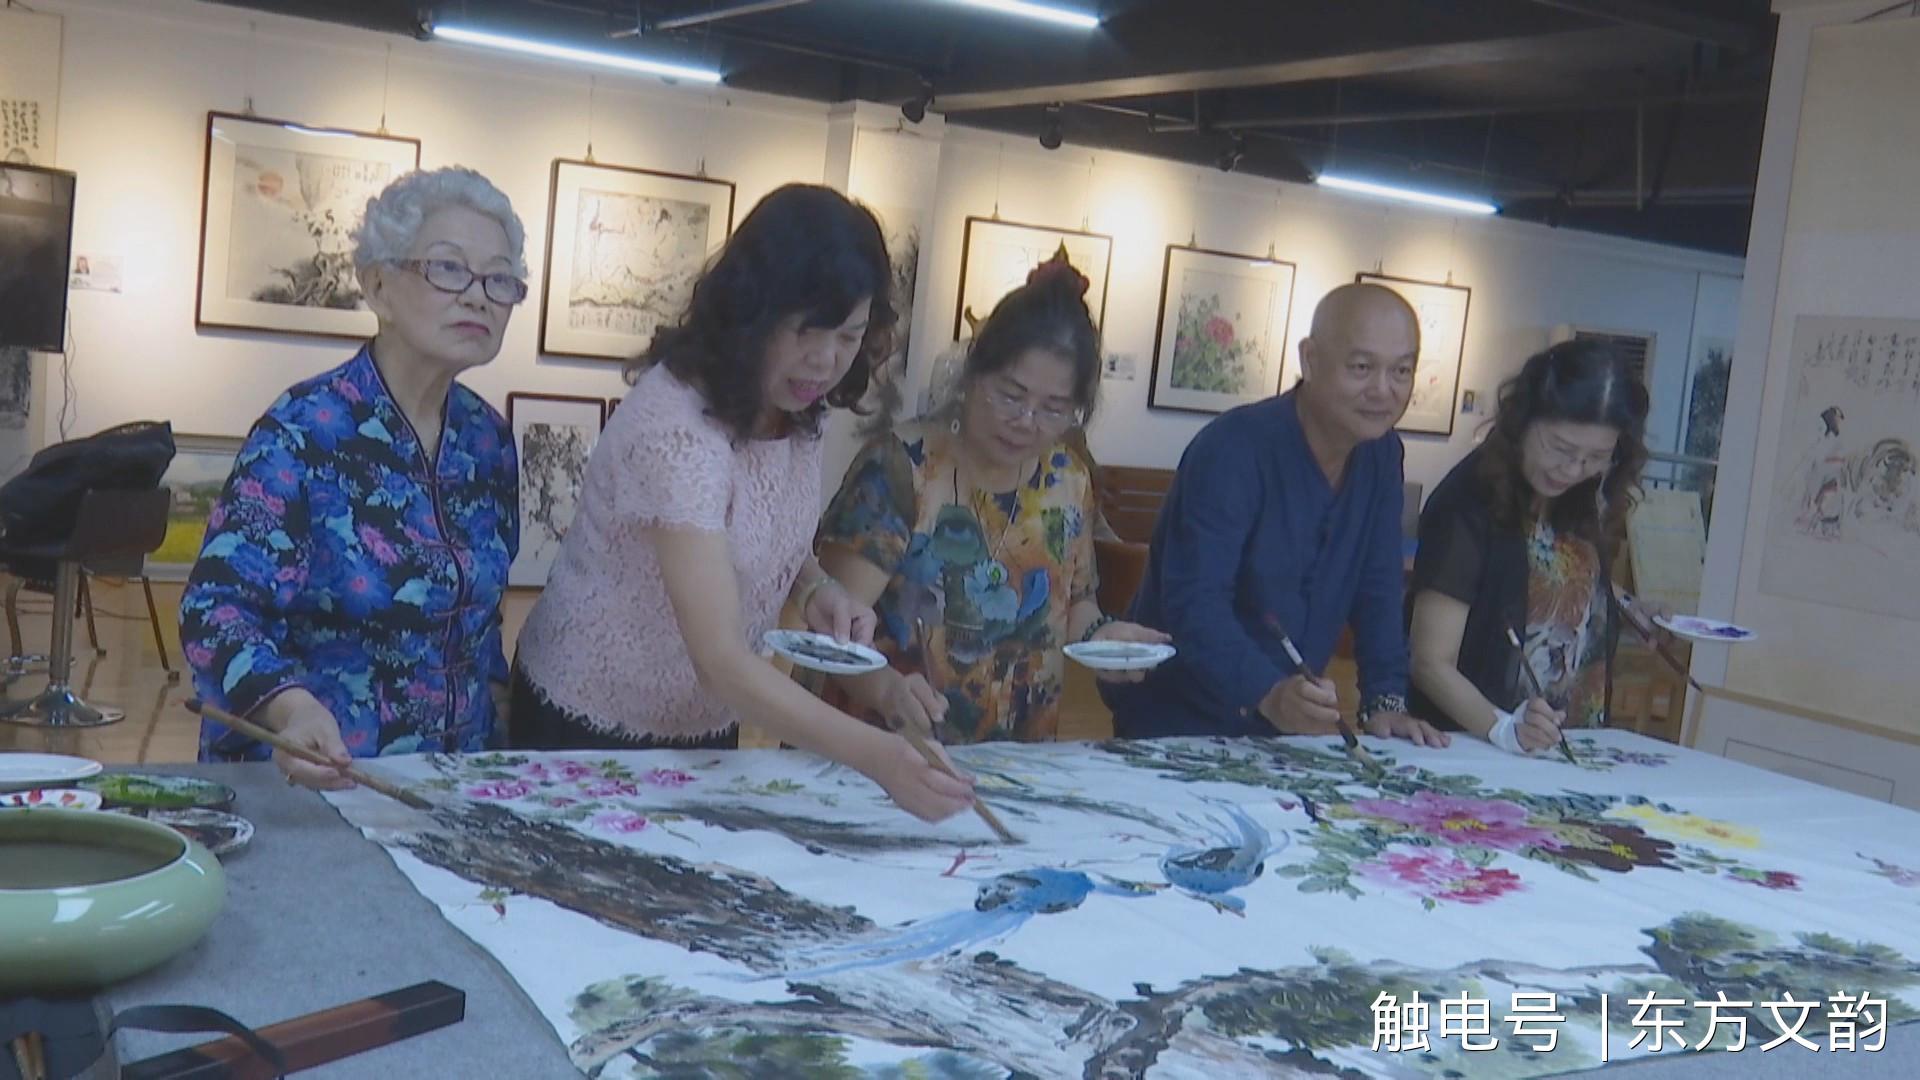 台湾艺术家黄素梅 王丽蓉 秦来香 柯沛鸿 陈嫦娥